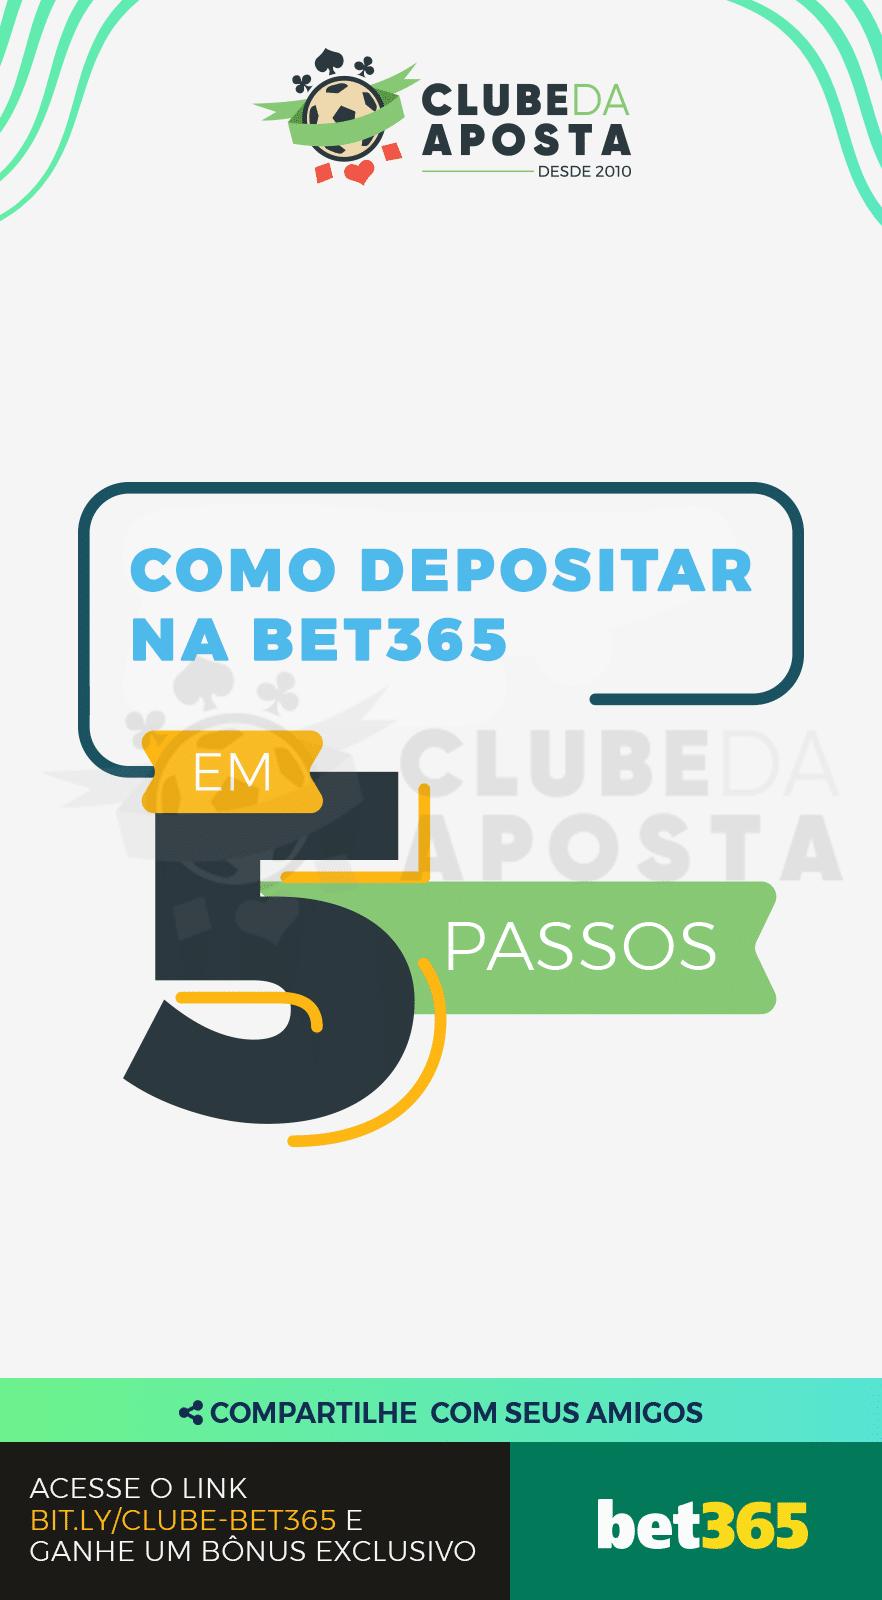 como-depositar-na-bet365_passos